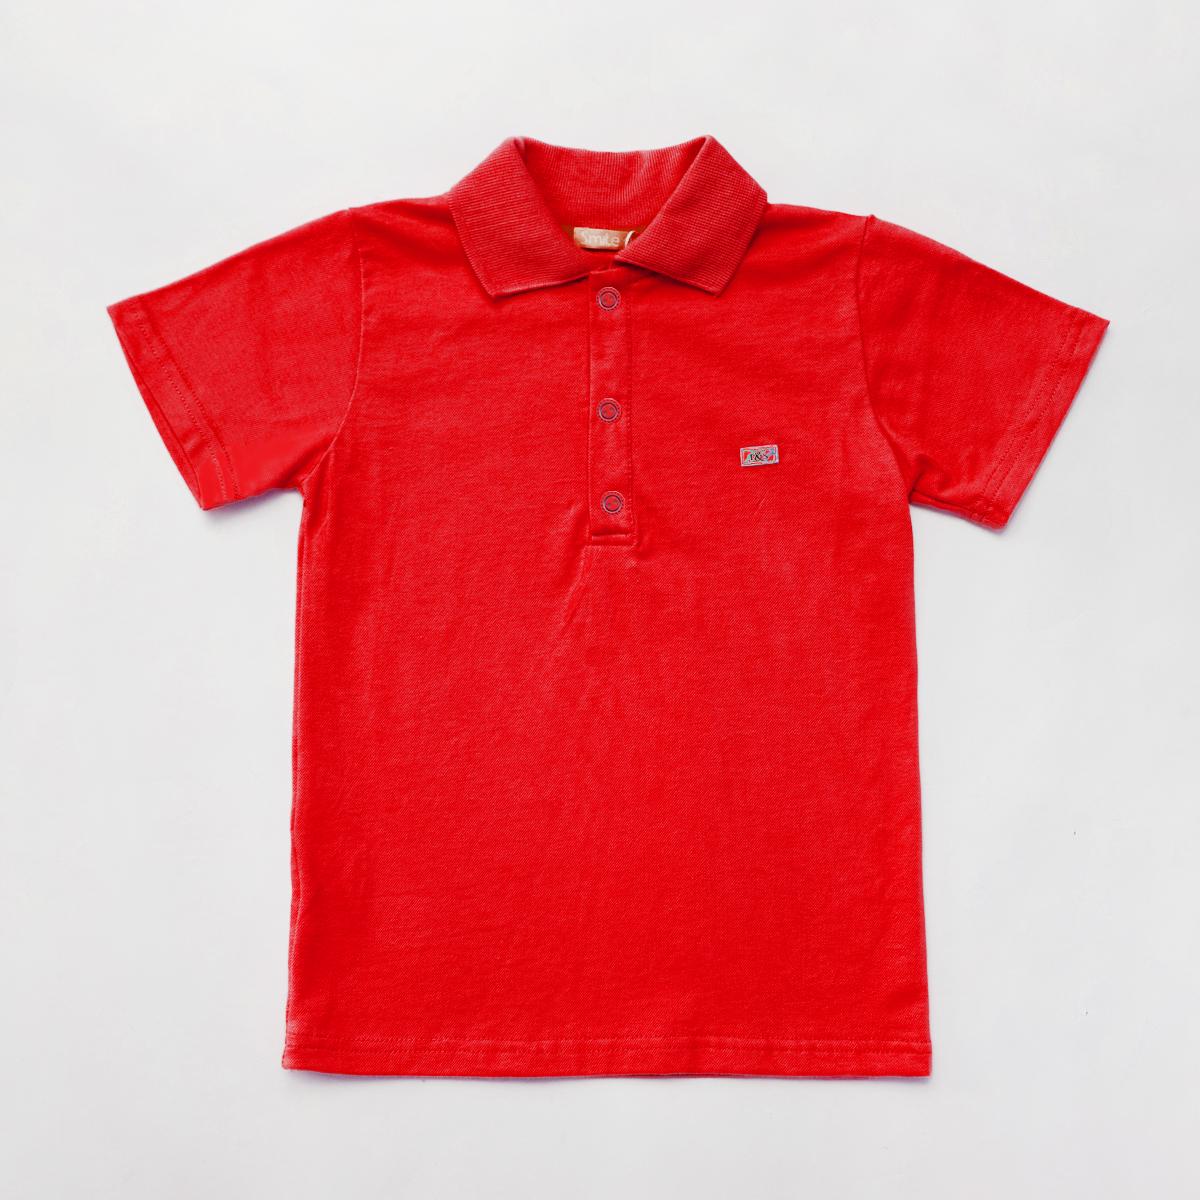 Теніска поло з коротким рукавом для хлопчика SmileTme Classic, червона